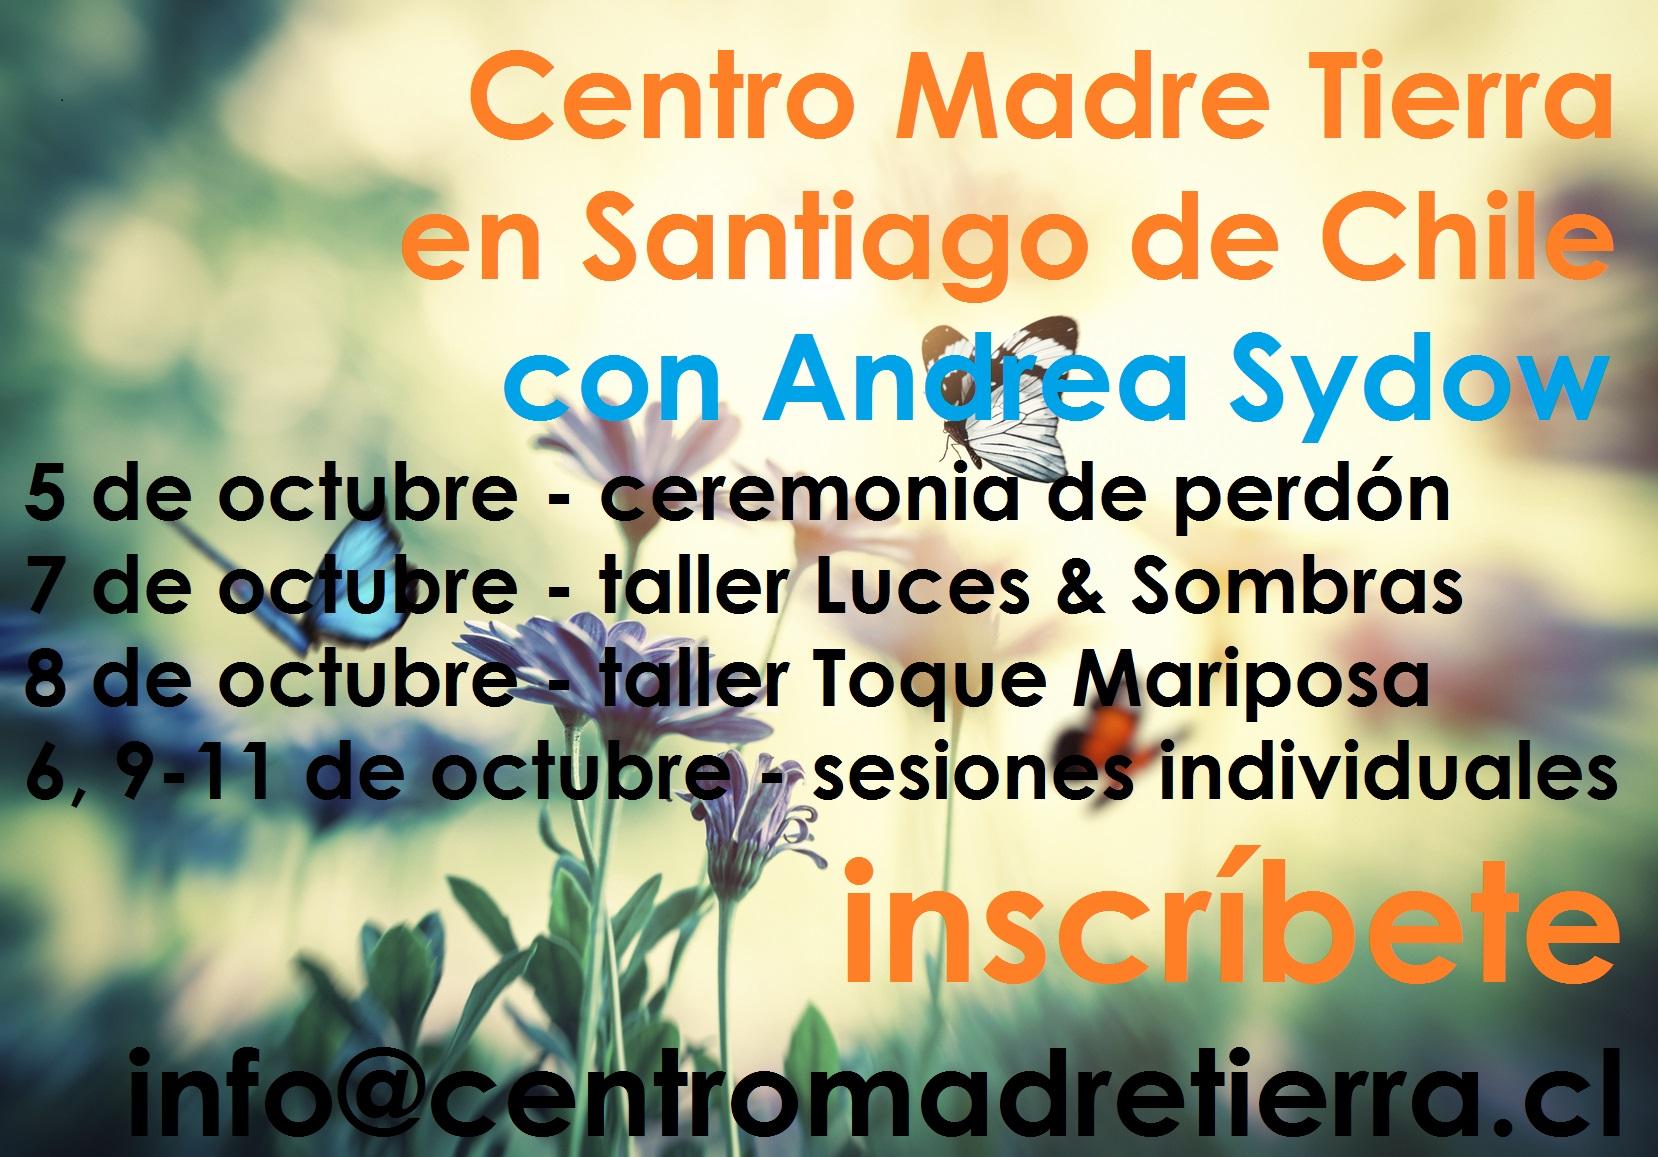 sanación, encuentro y autperdón con Andrea Sydow en el Centro Madre Tierra en Santiago de Chile